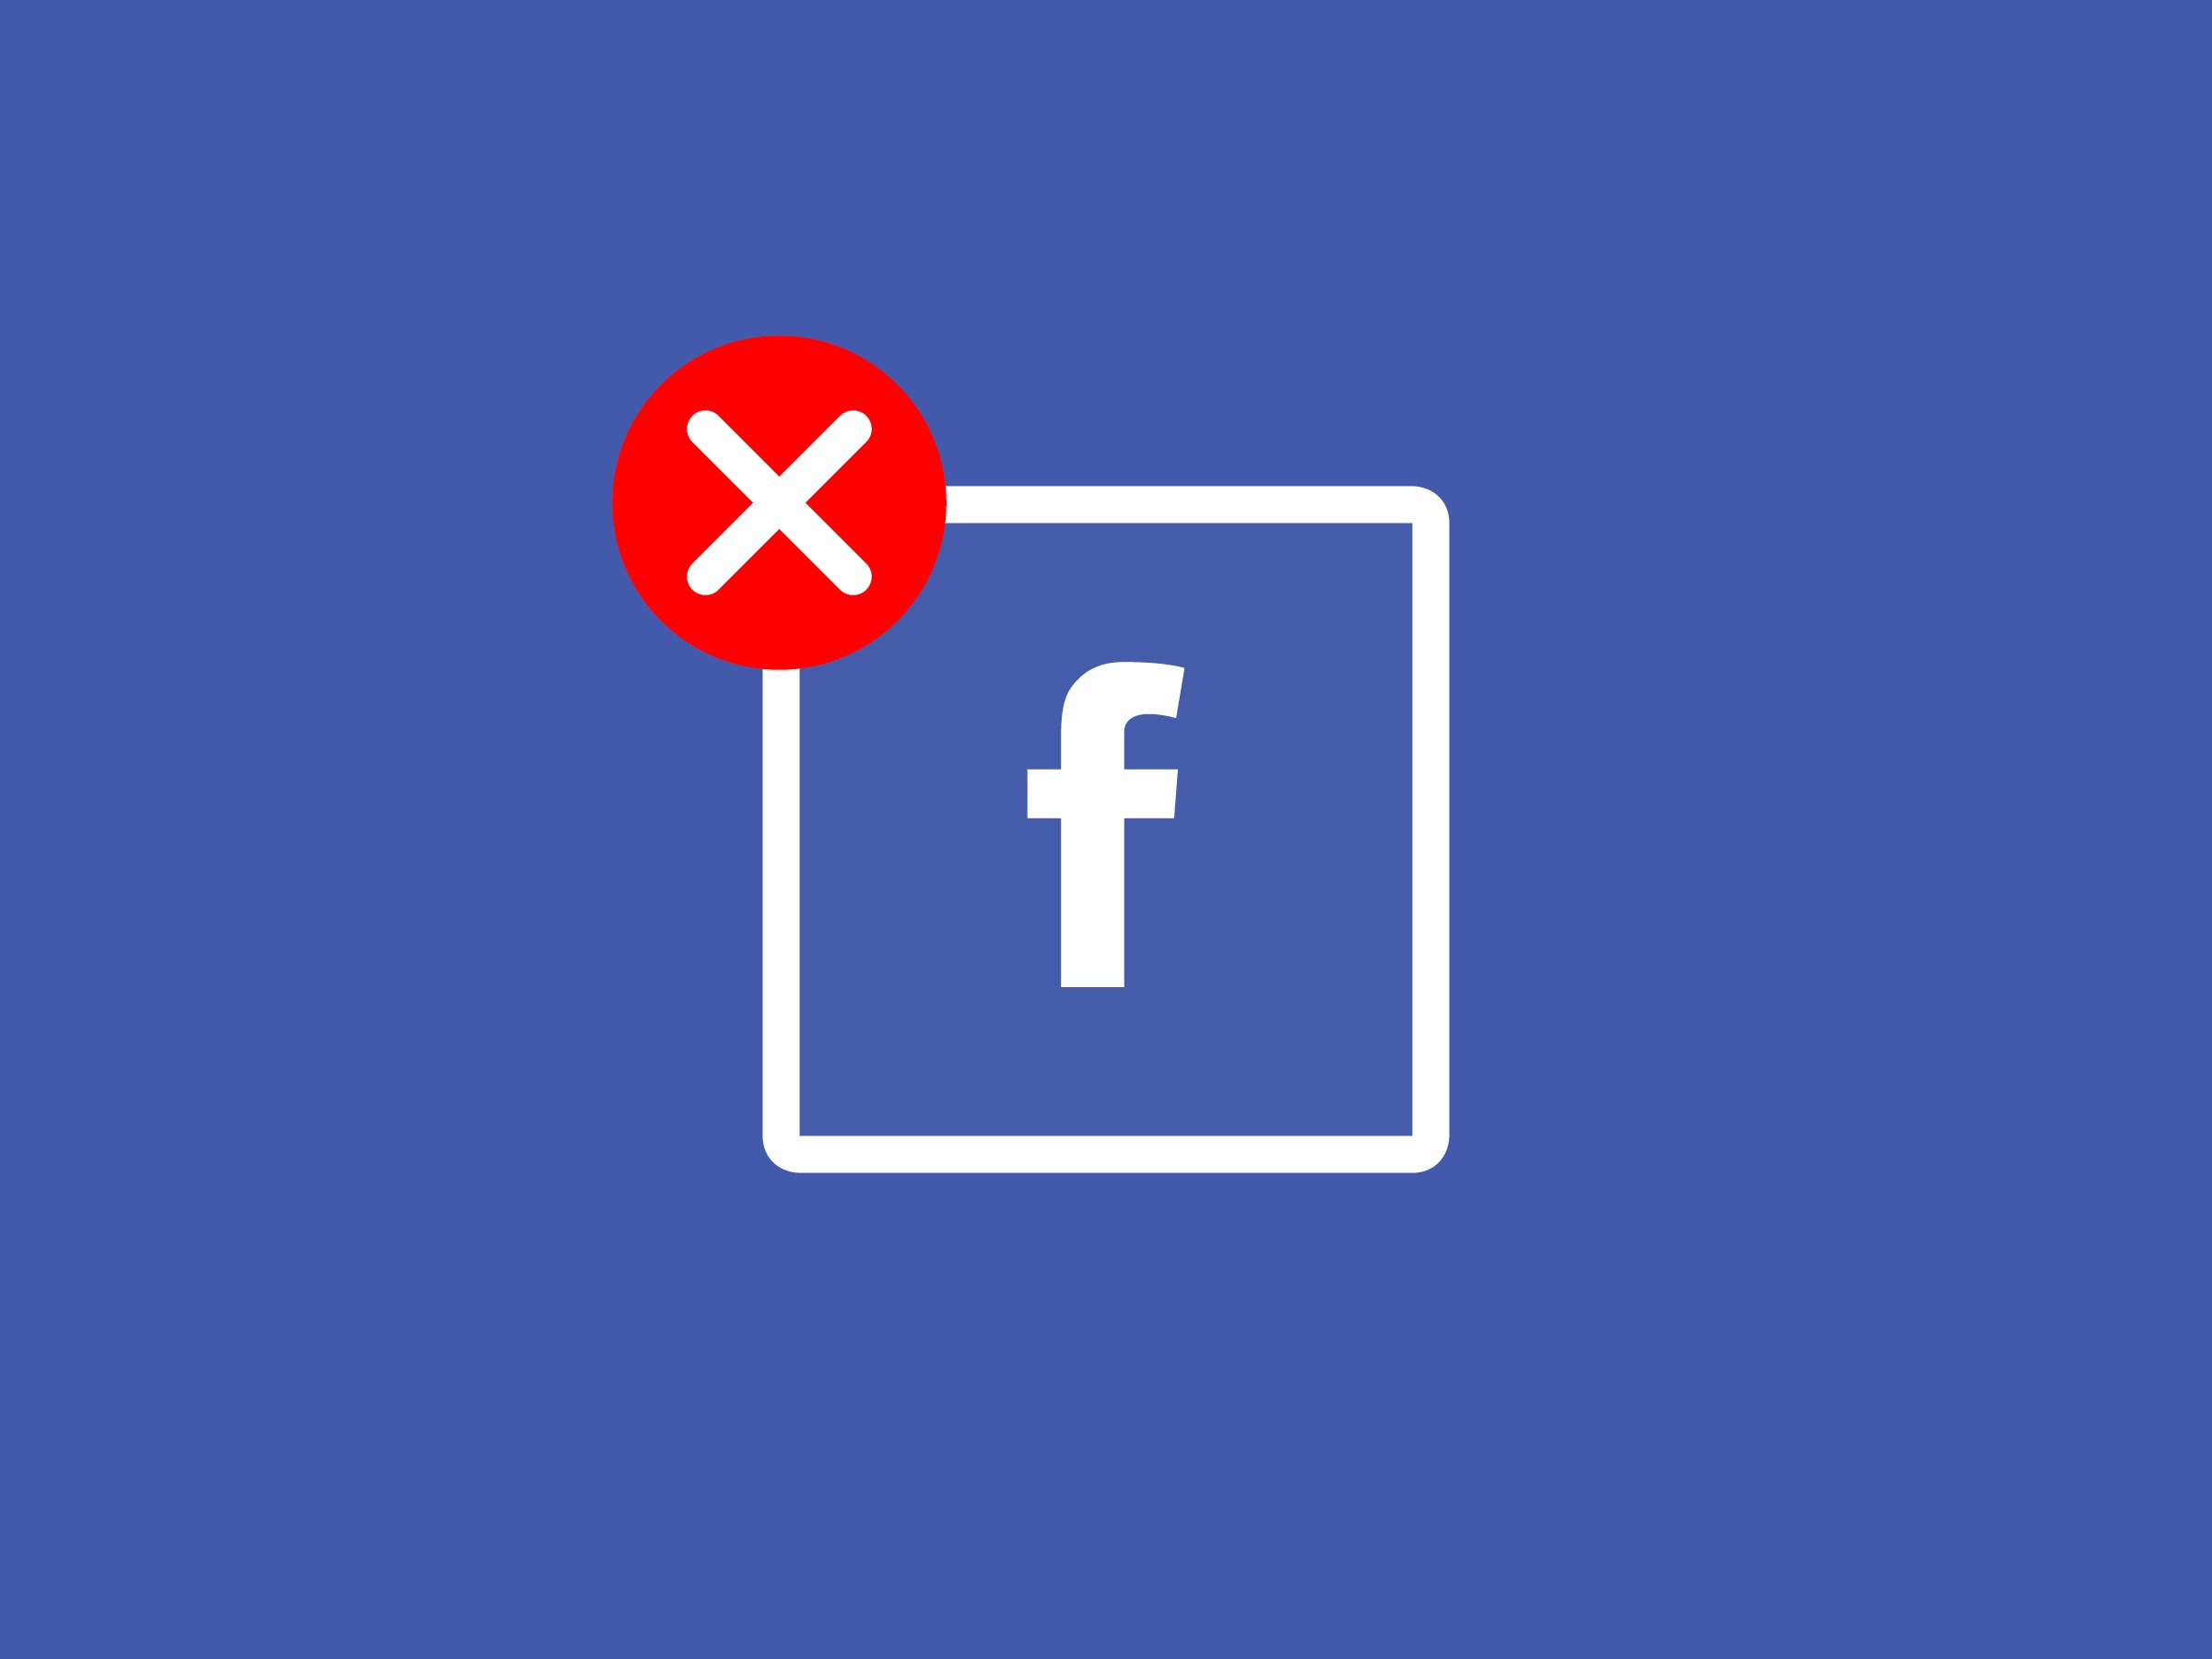 ფეისბუქ მარკეტინგის შეცდომები